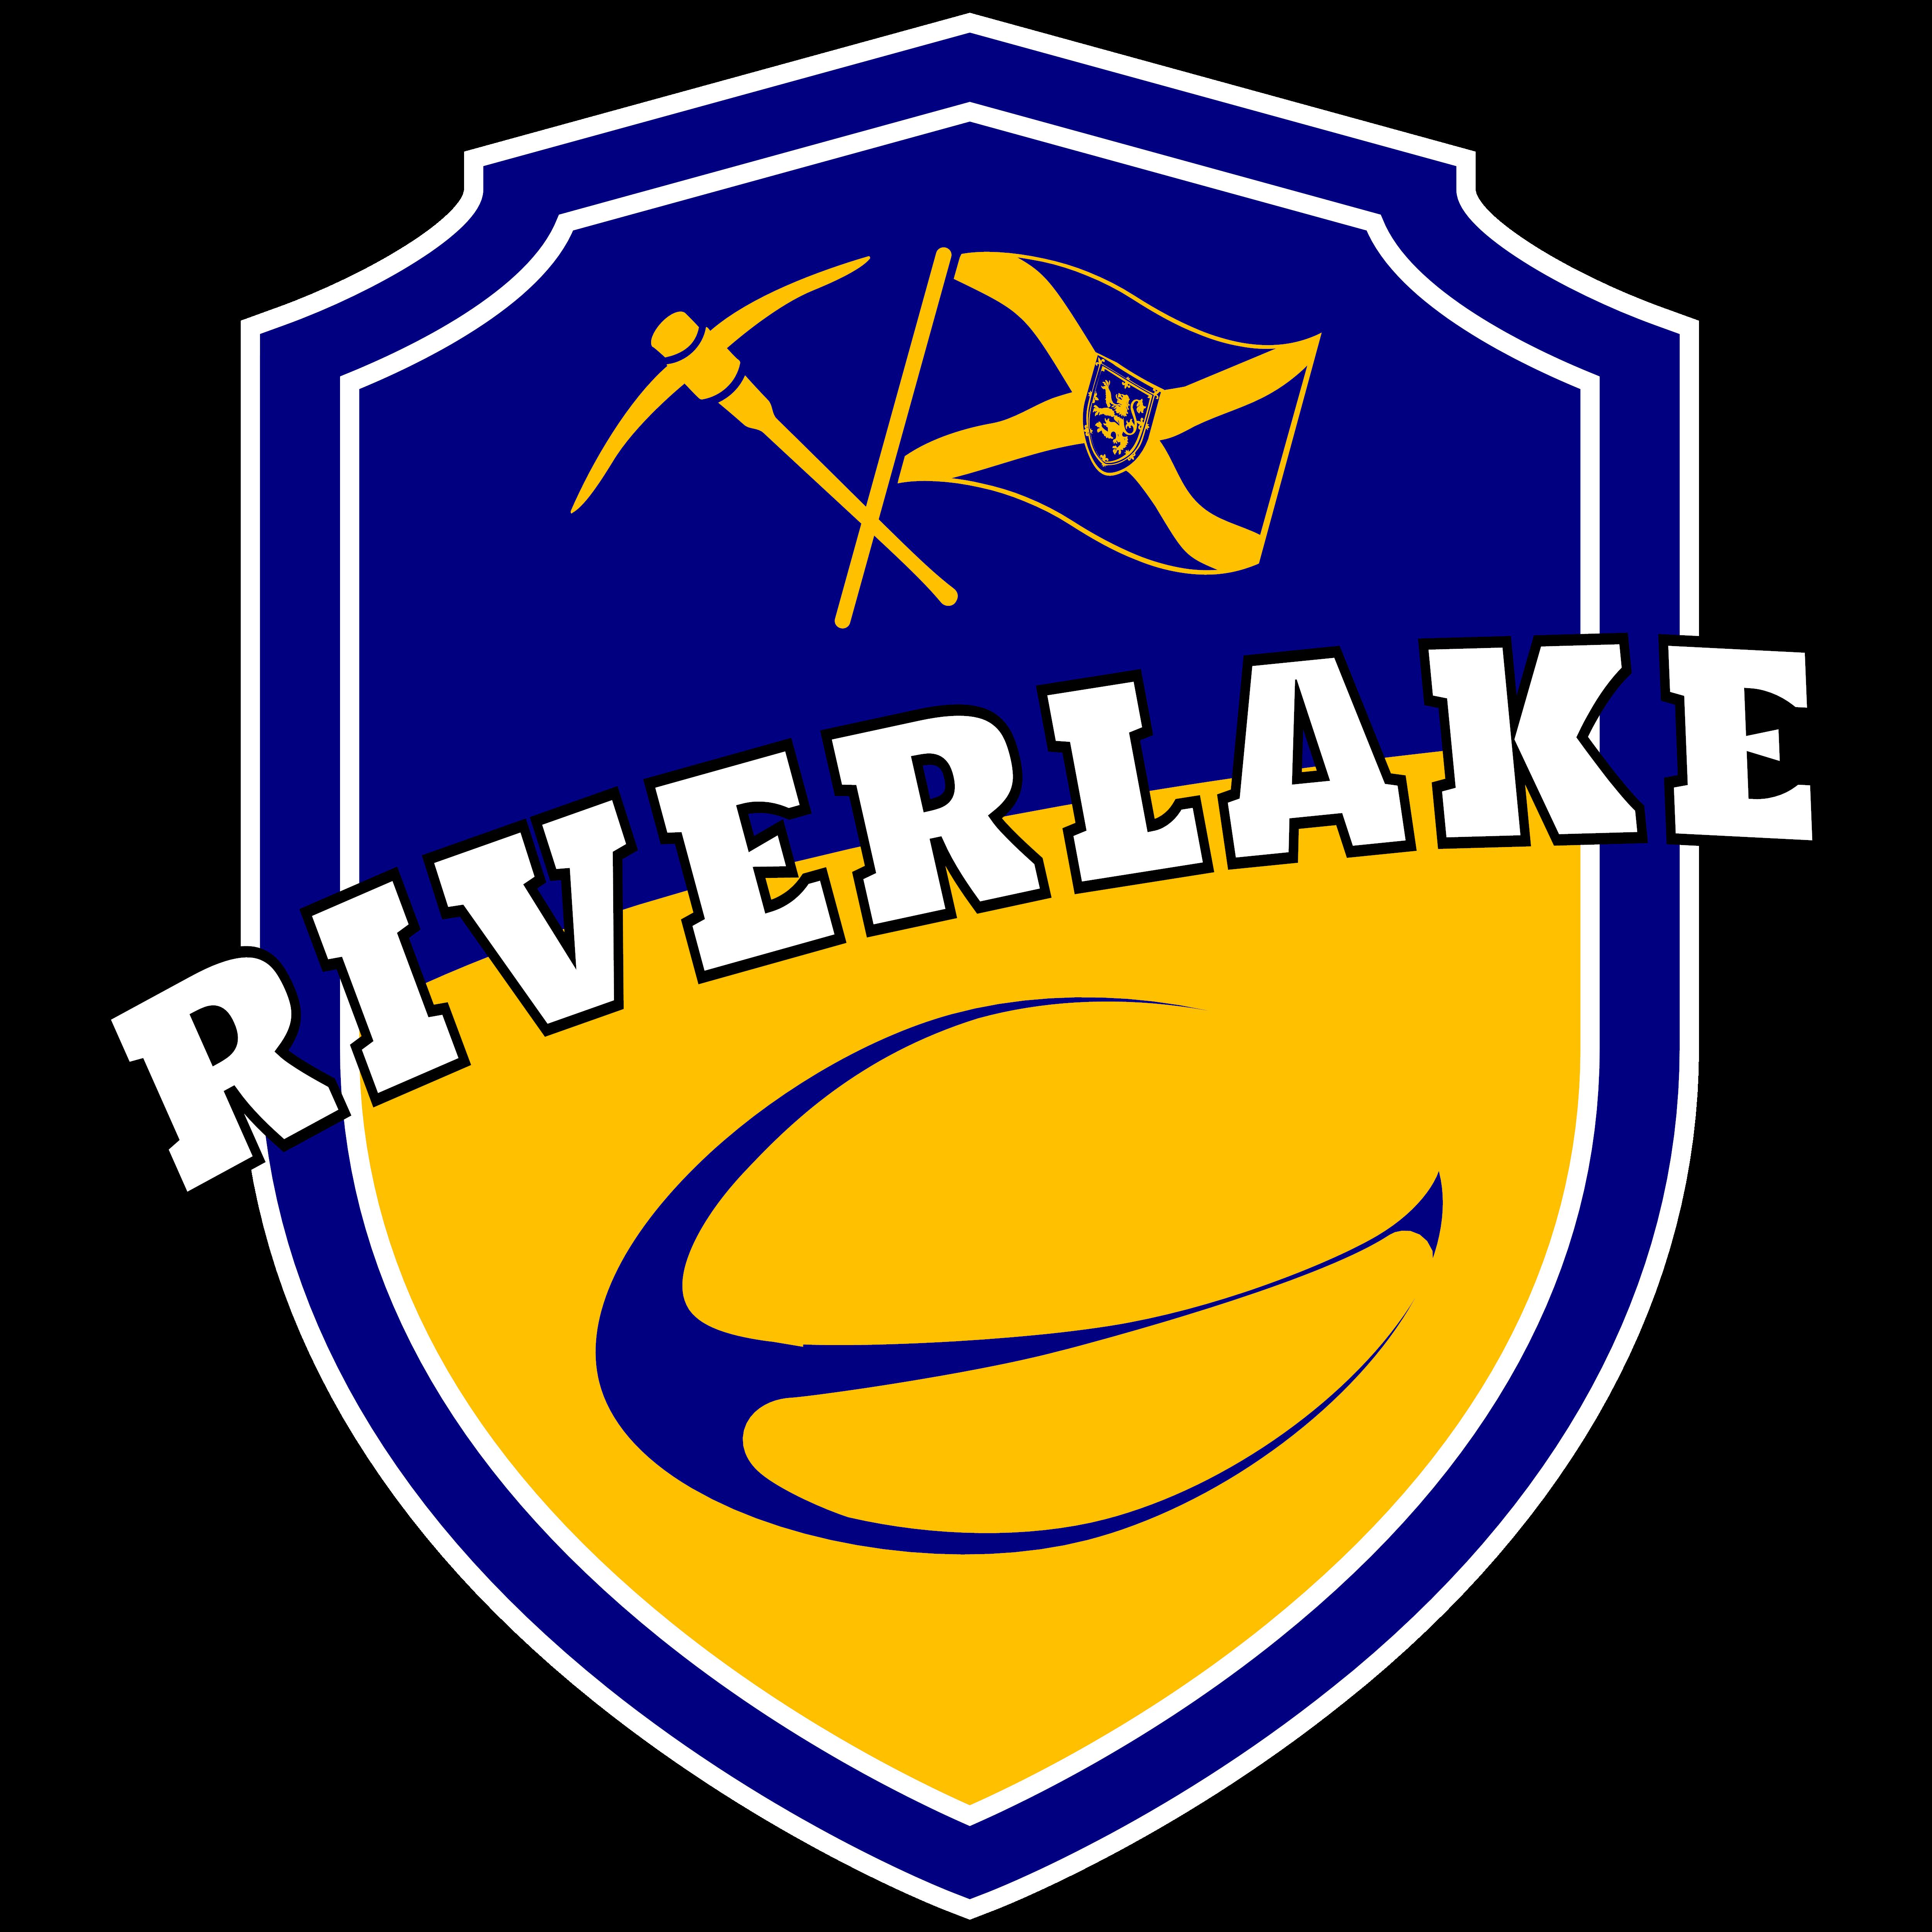 Riverlake Rugby